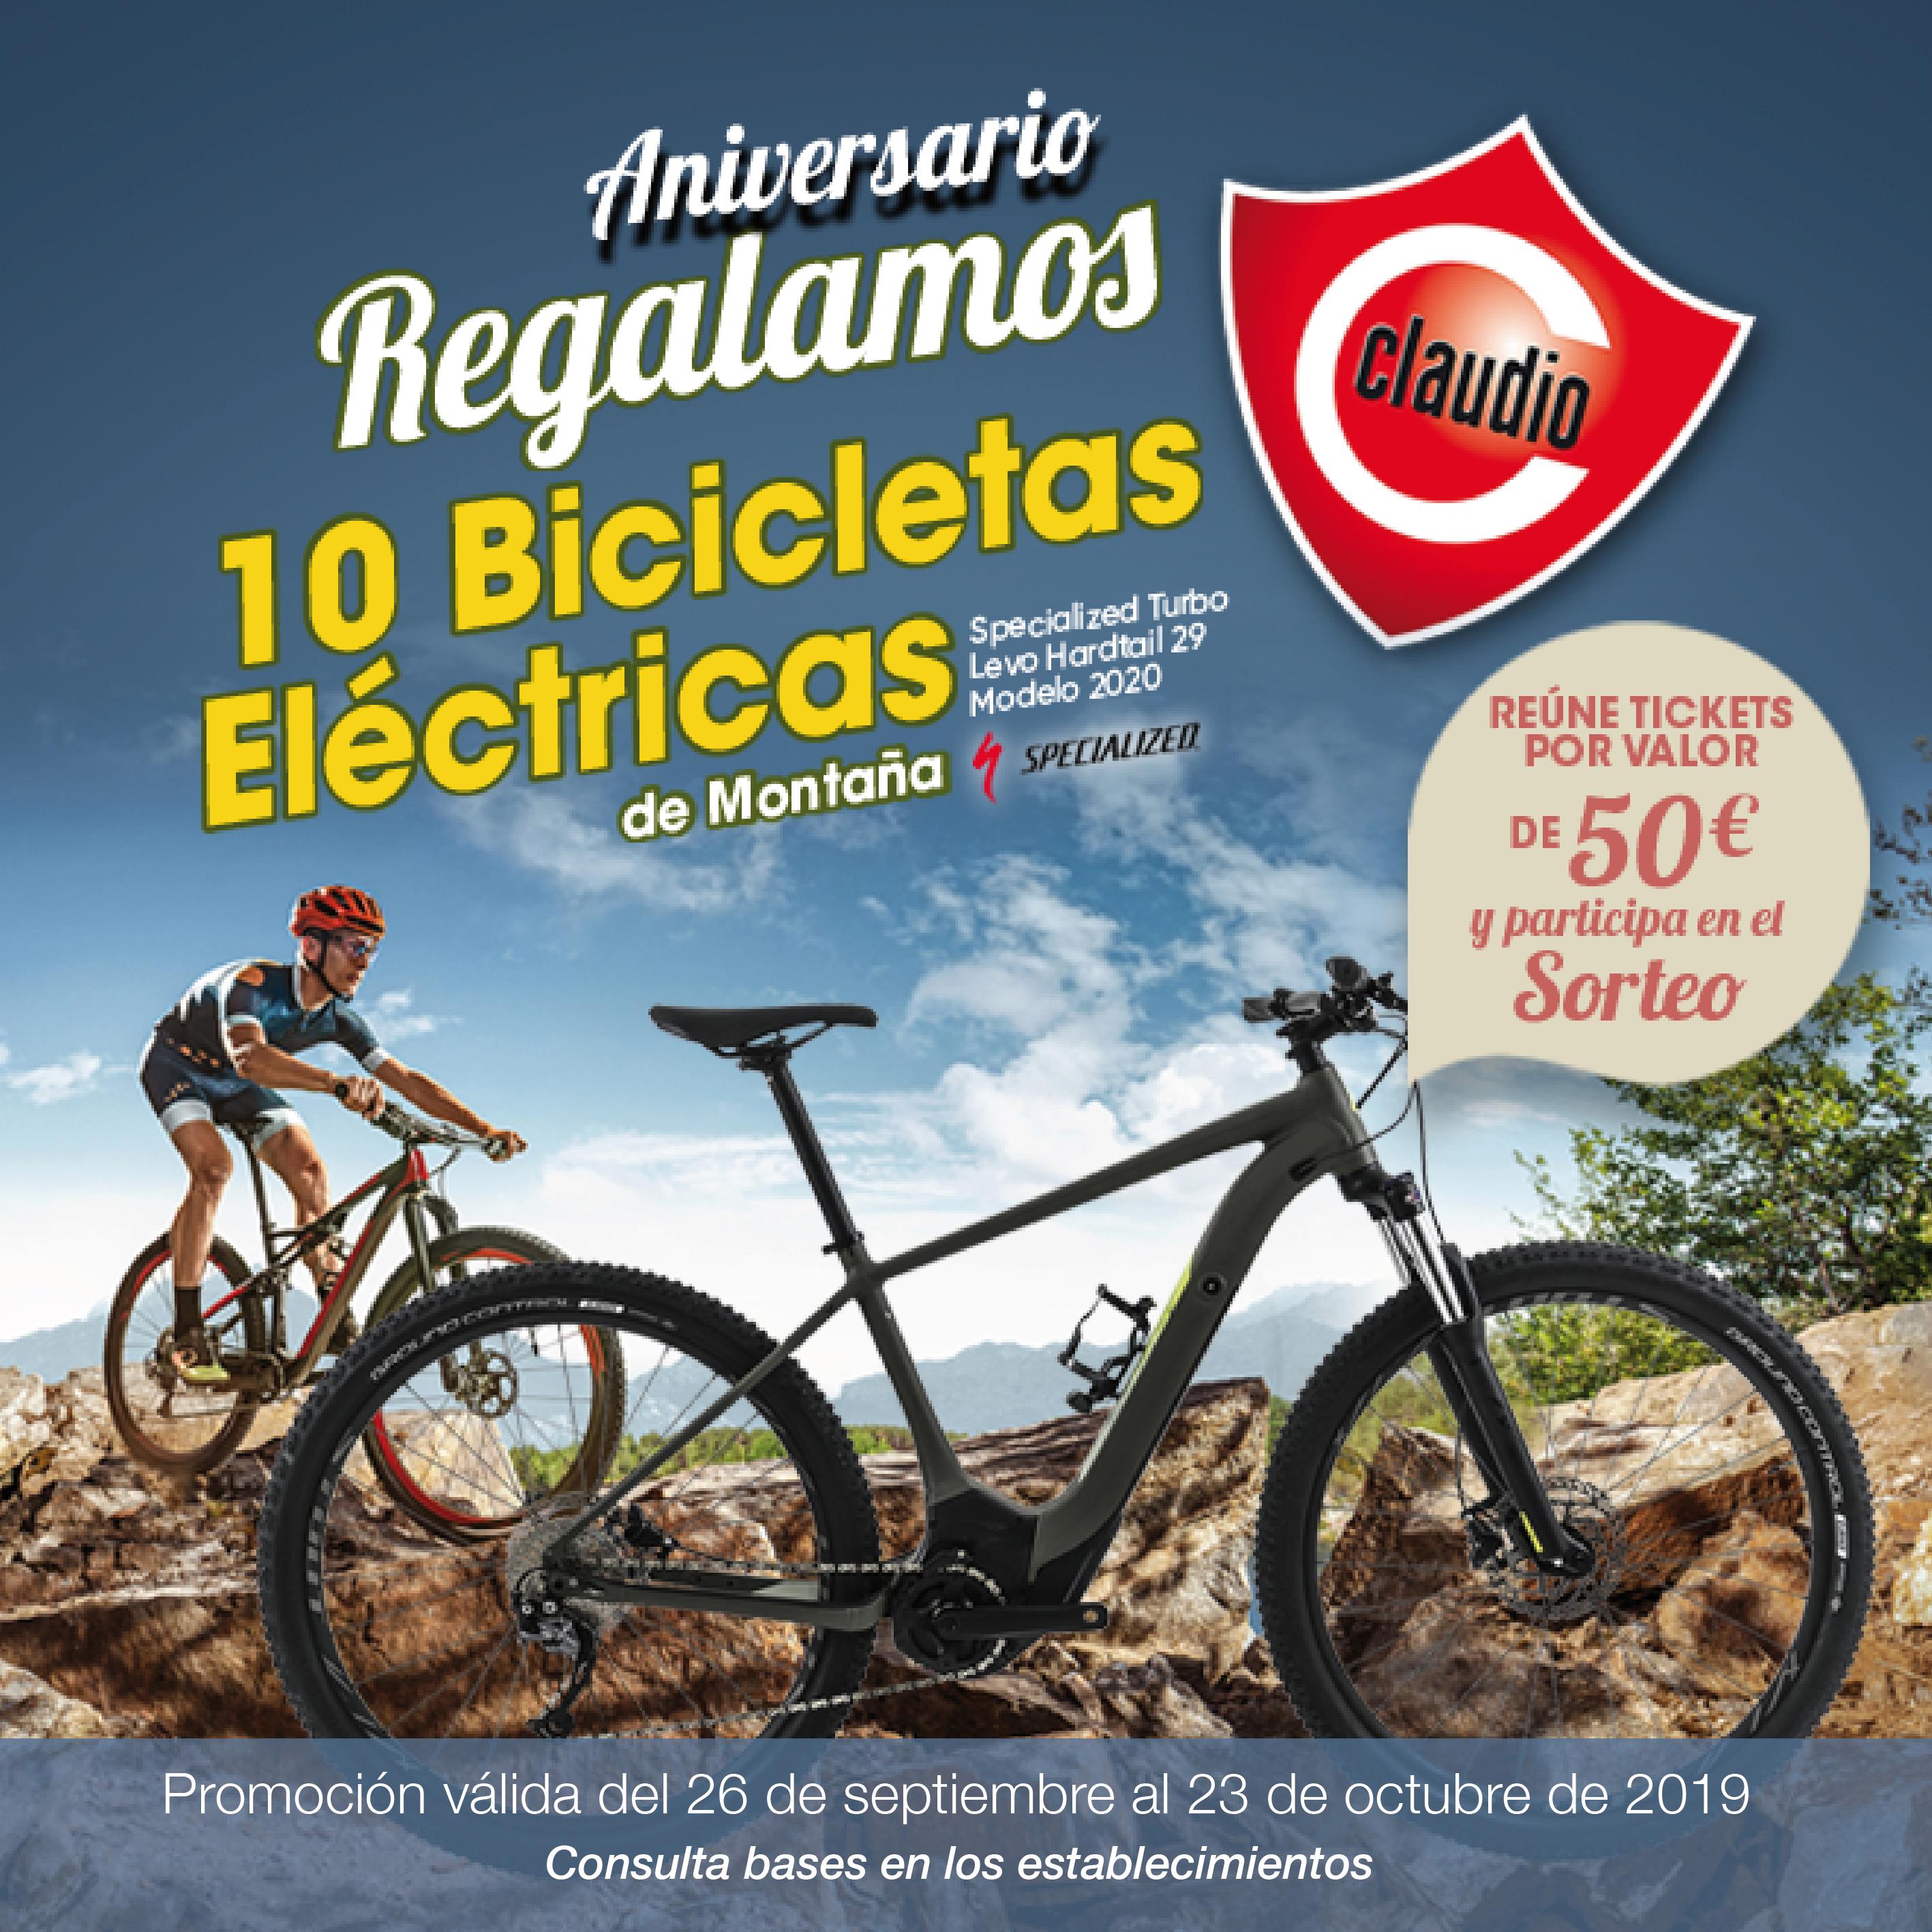 ¡Regalamos bicicletas eléctricas de montaña! ¿Quieres la tuya?